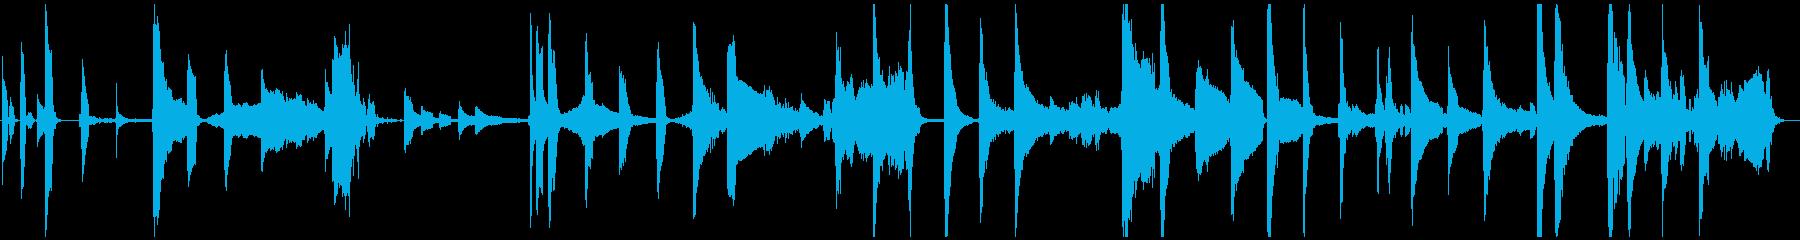 ディキシーランド ラグタイム ブル...の再生済みの波形